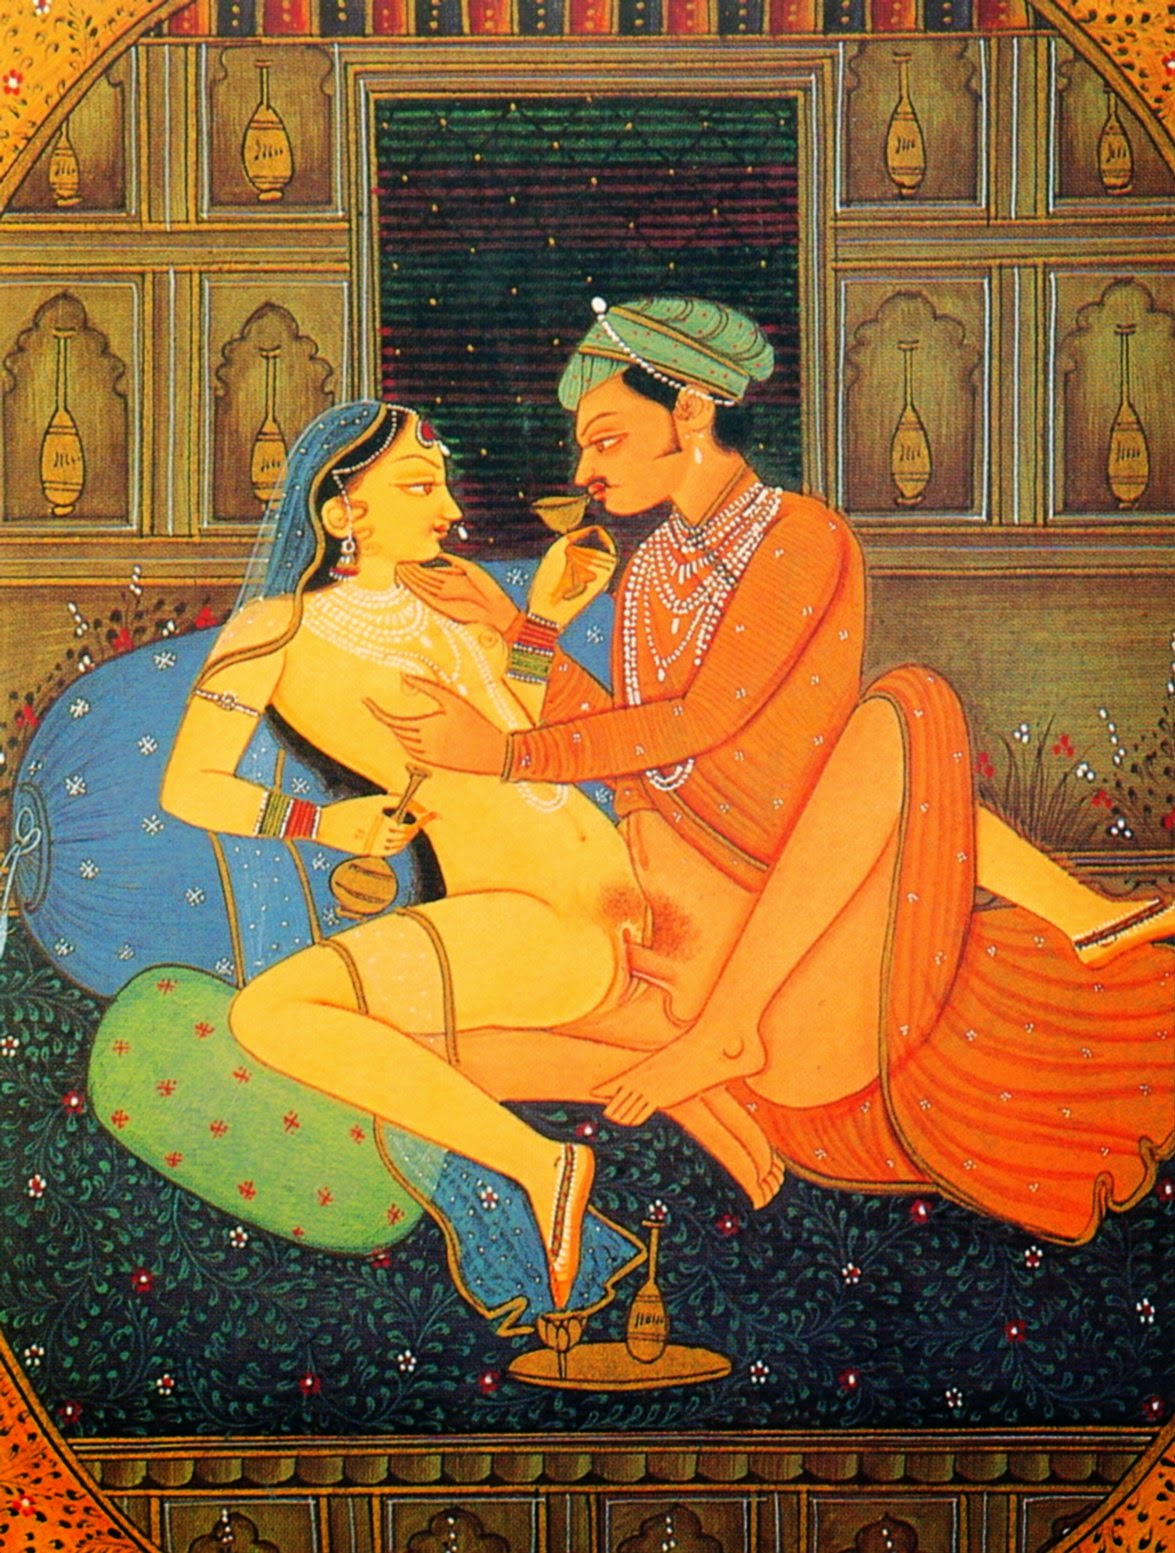 порно рисунки индийская камасутра старинная самое красивое